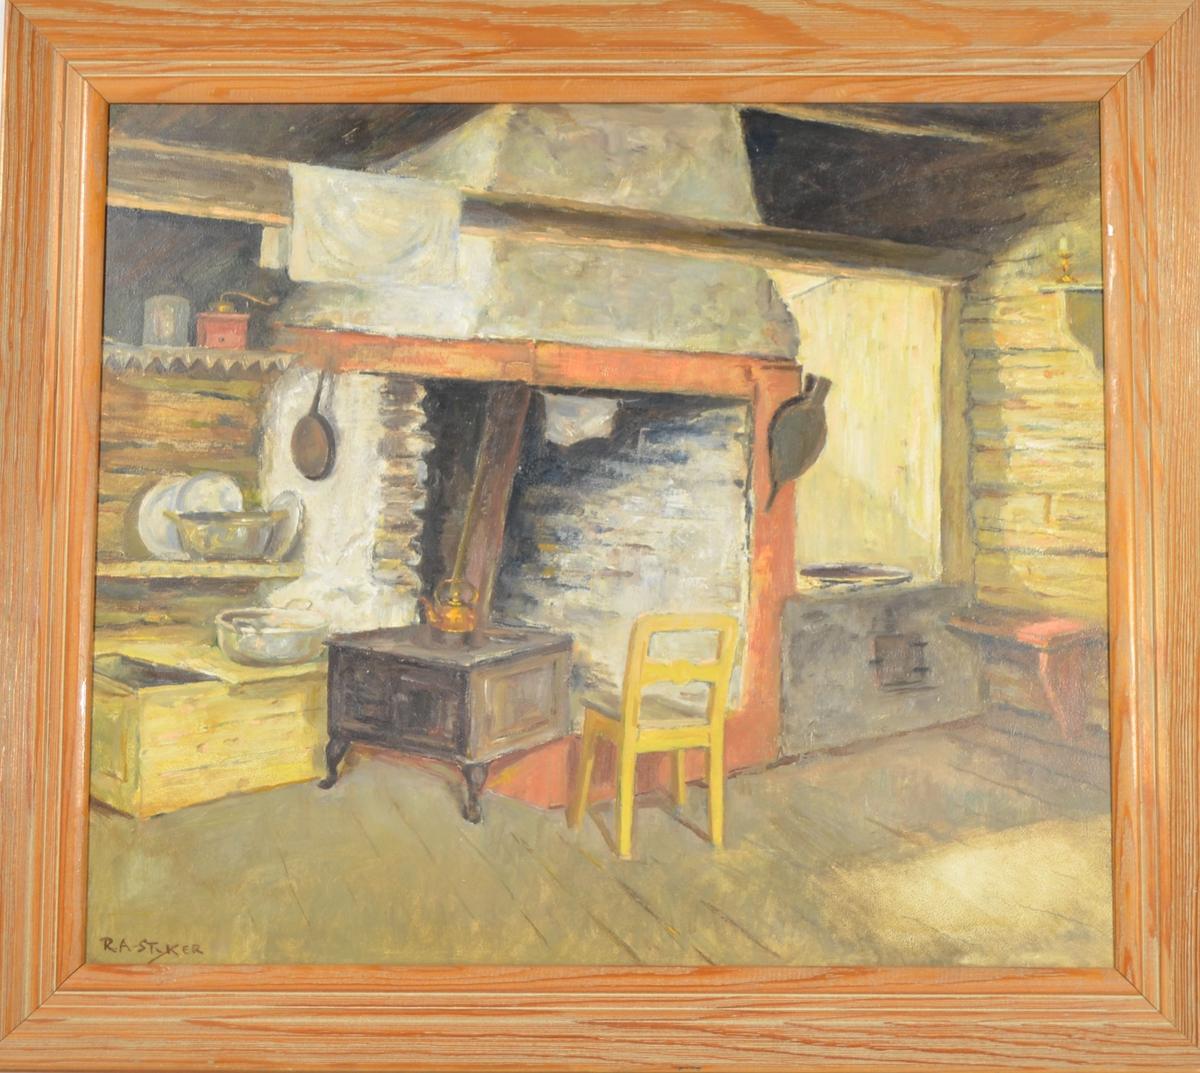 Motivet viser et interiør fra et kjøkken/stuekjøkken. I senter er en åpen peis, med en vedkomfyr stående foran. Til høyre for denne står en gul stol, og til venstre er en vedkiste med diverse kjørler og matstell på.